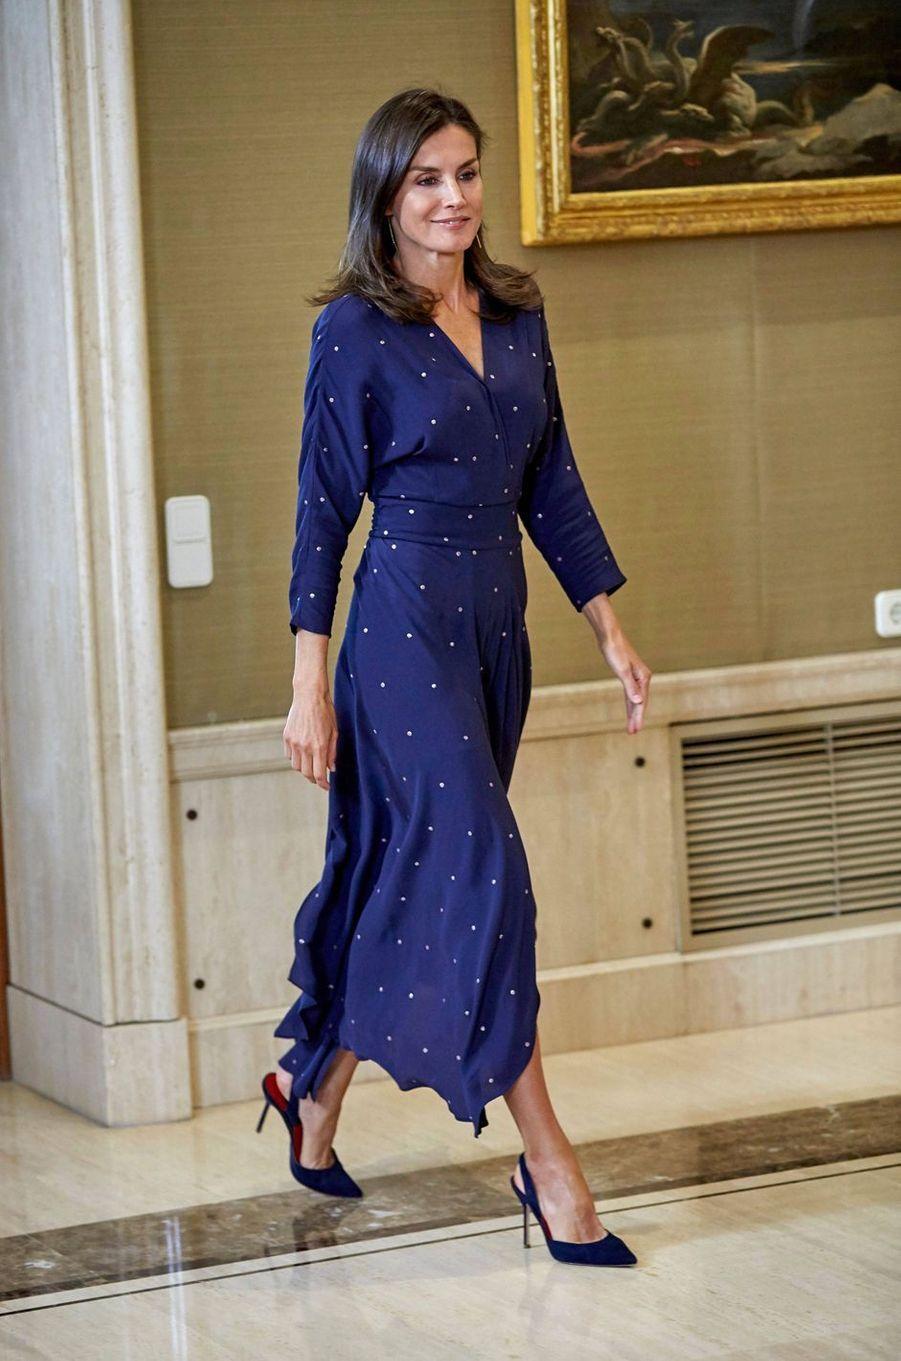 La reine Letizia d'Espagne à Madrid, le 3 septembre 2019